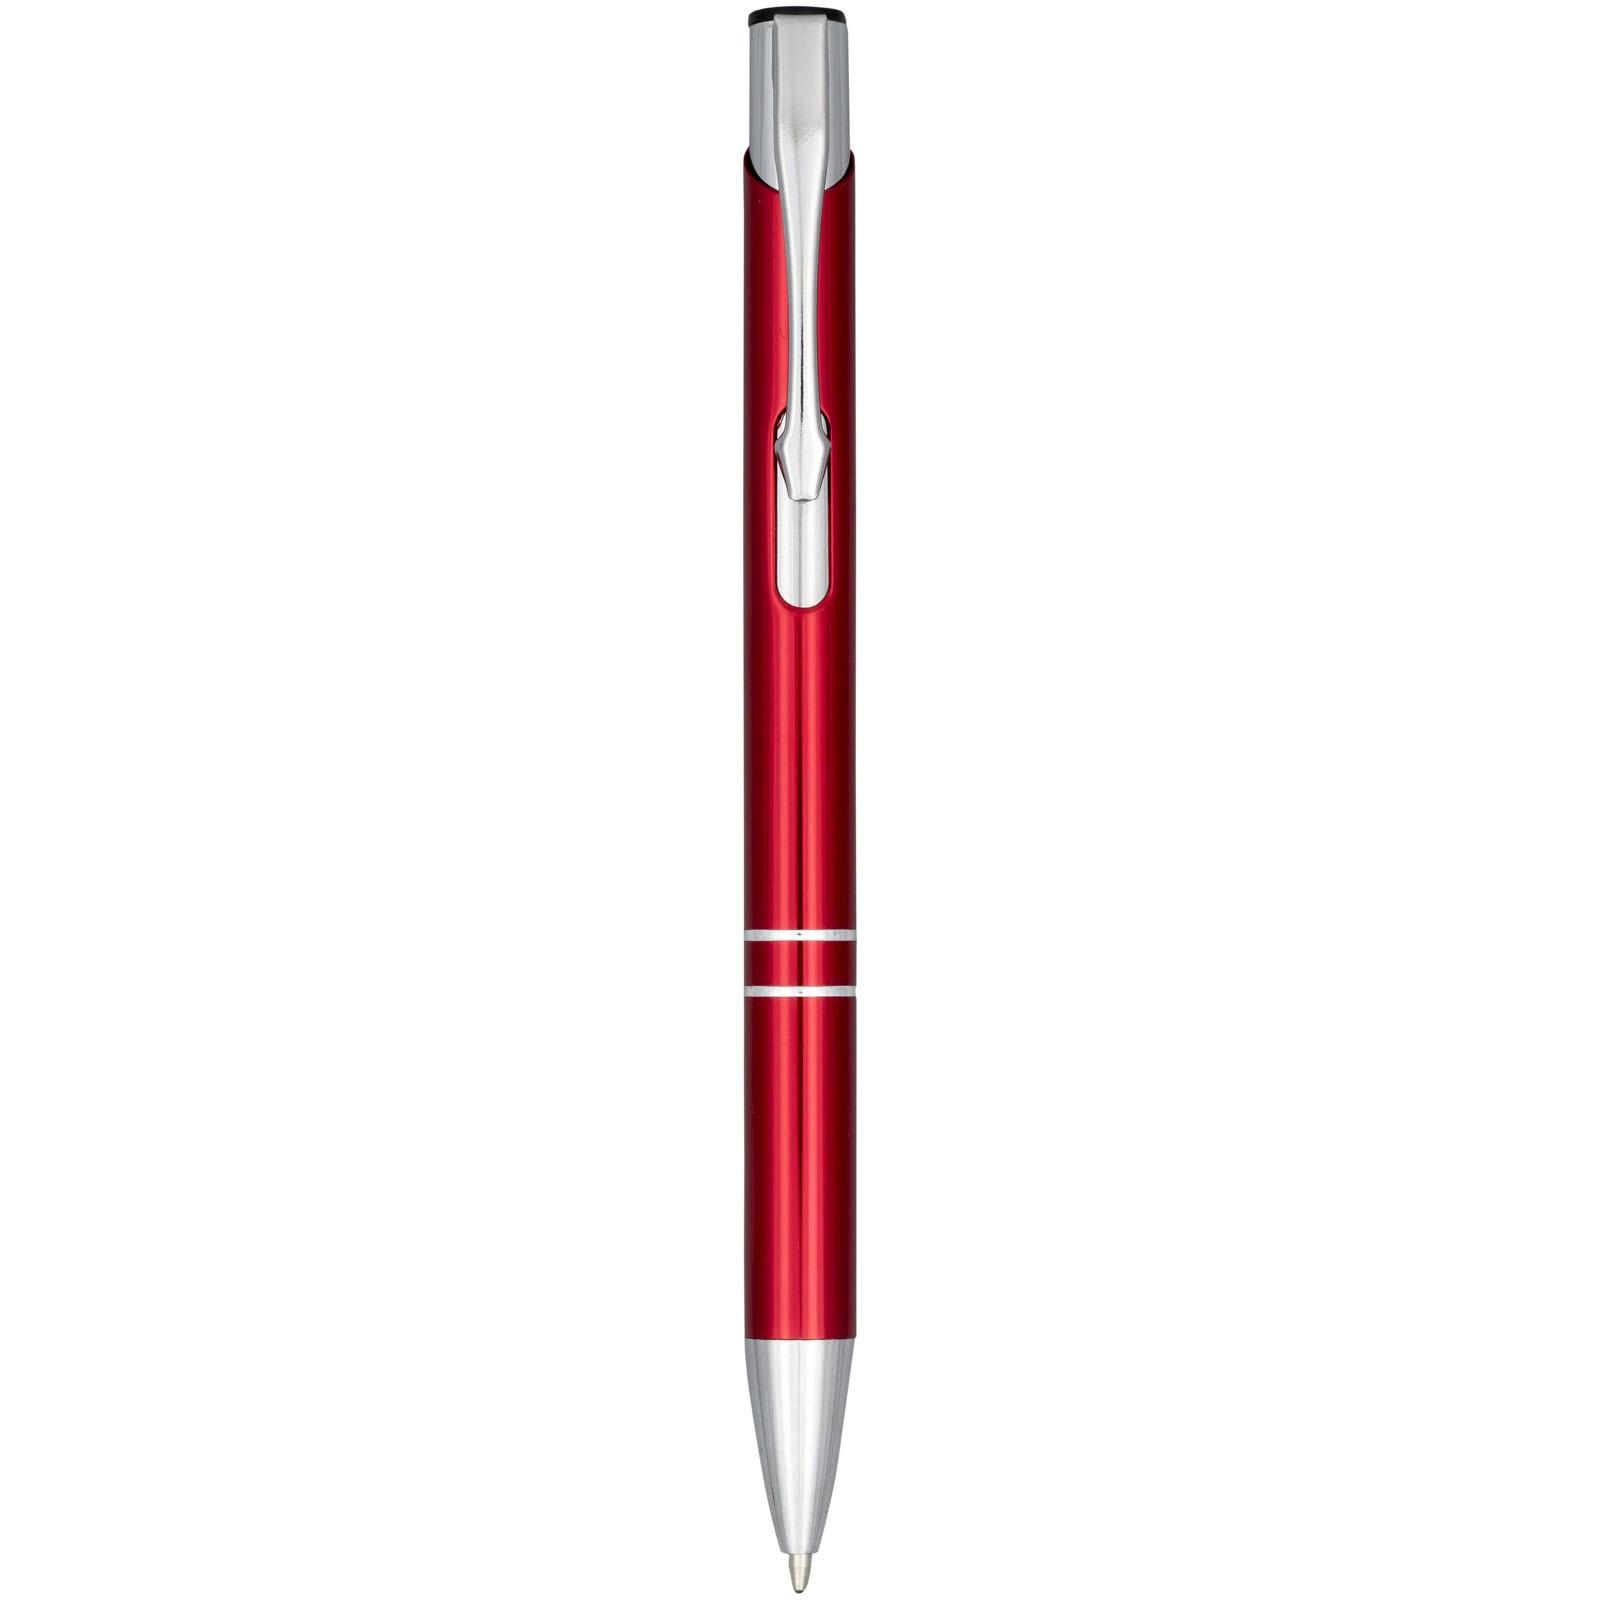 Moneta anodizované hliníkové stiskací kuličkové pero - Červená s efektem námrazy